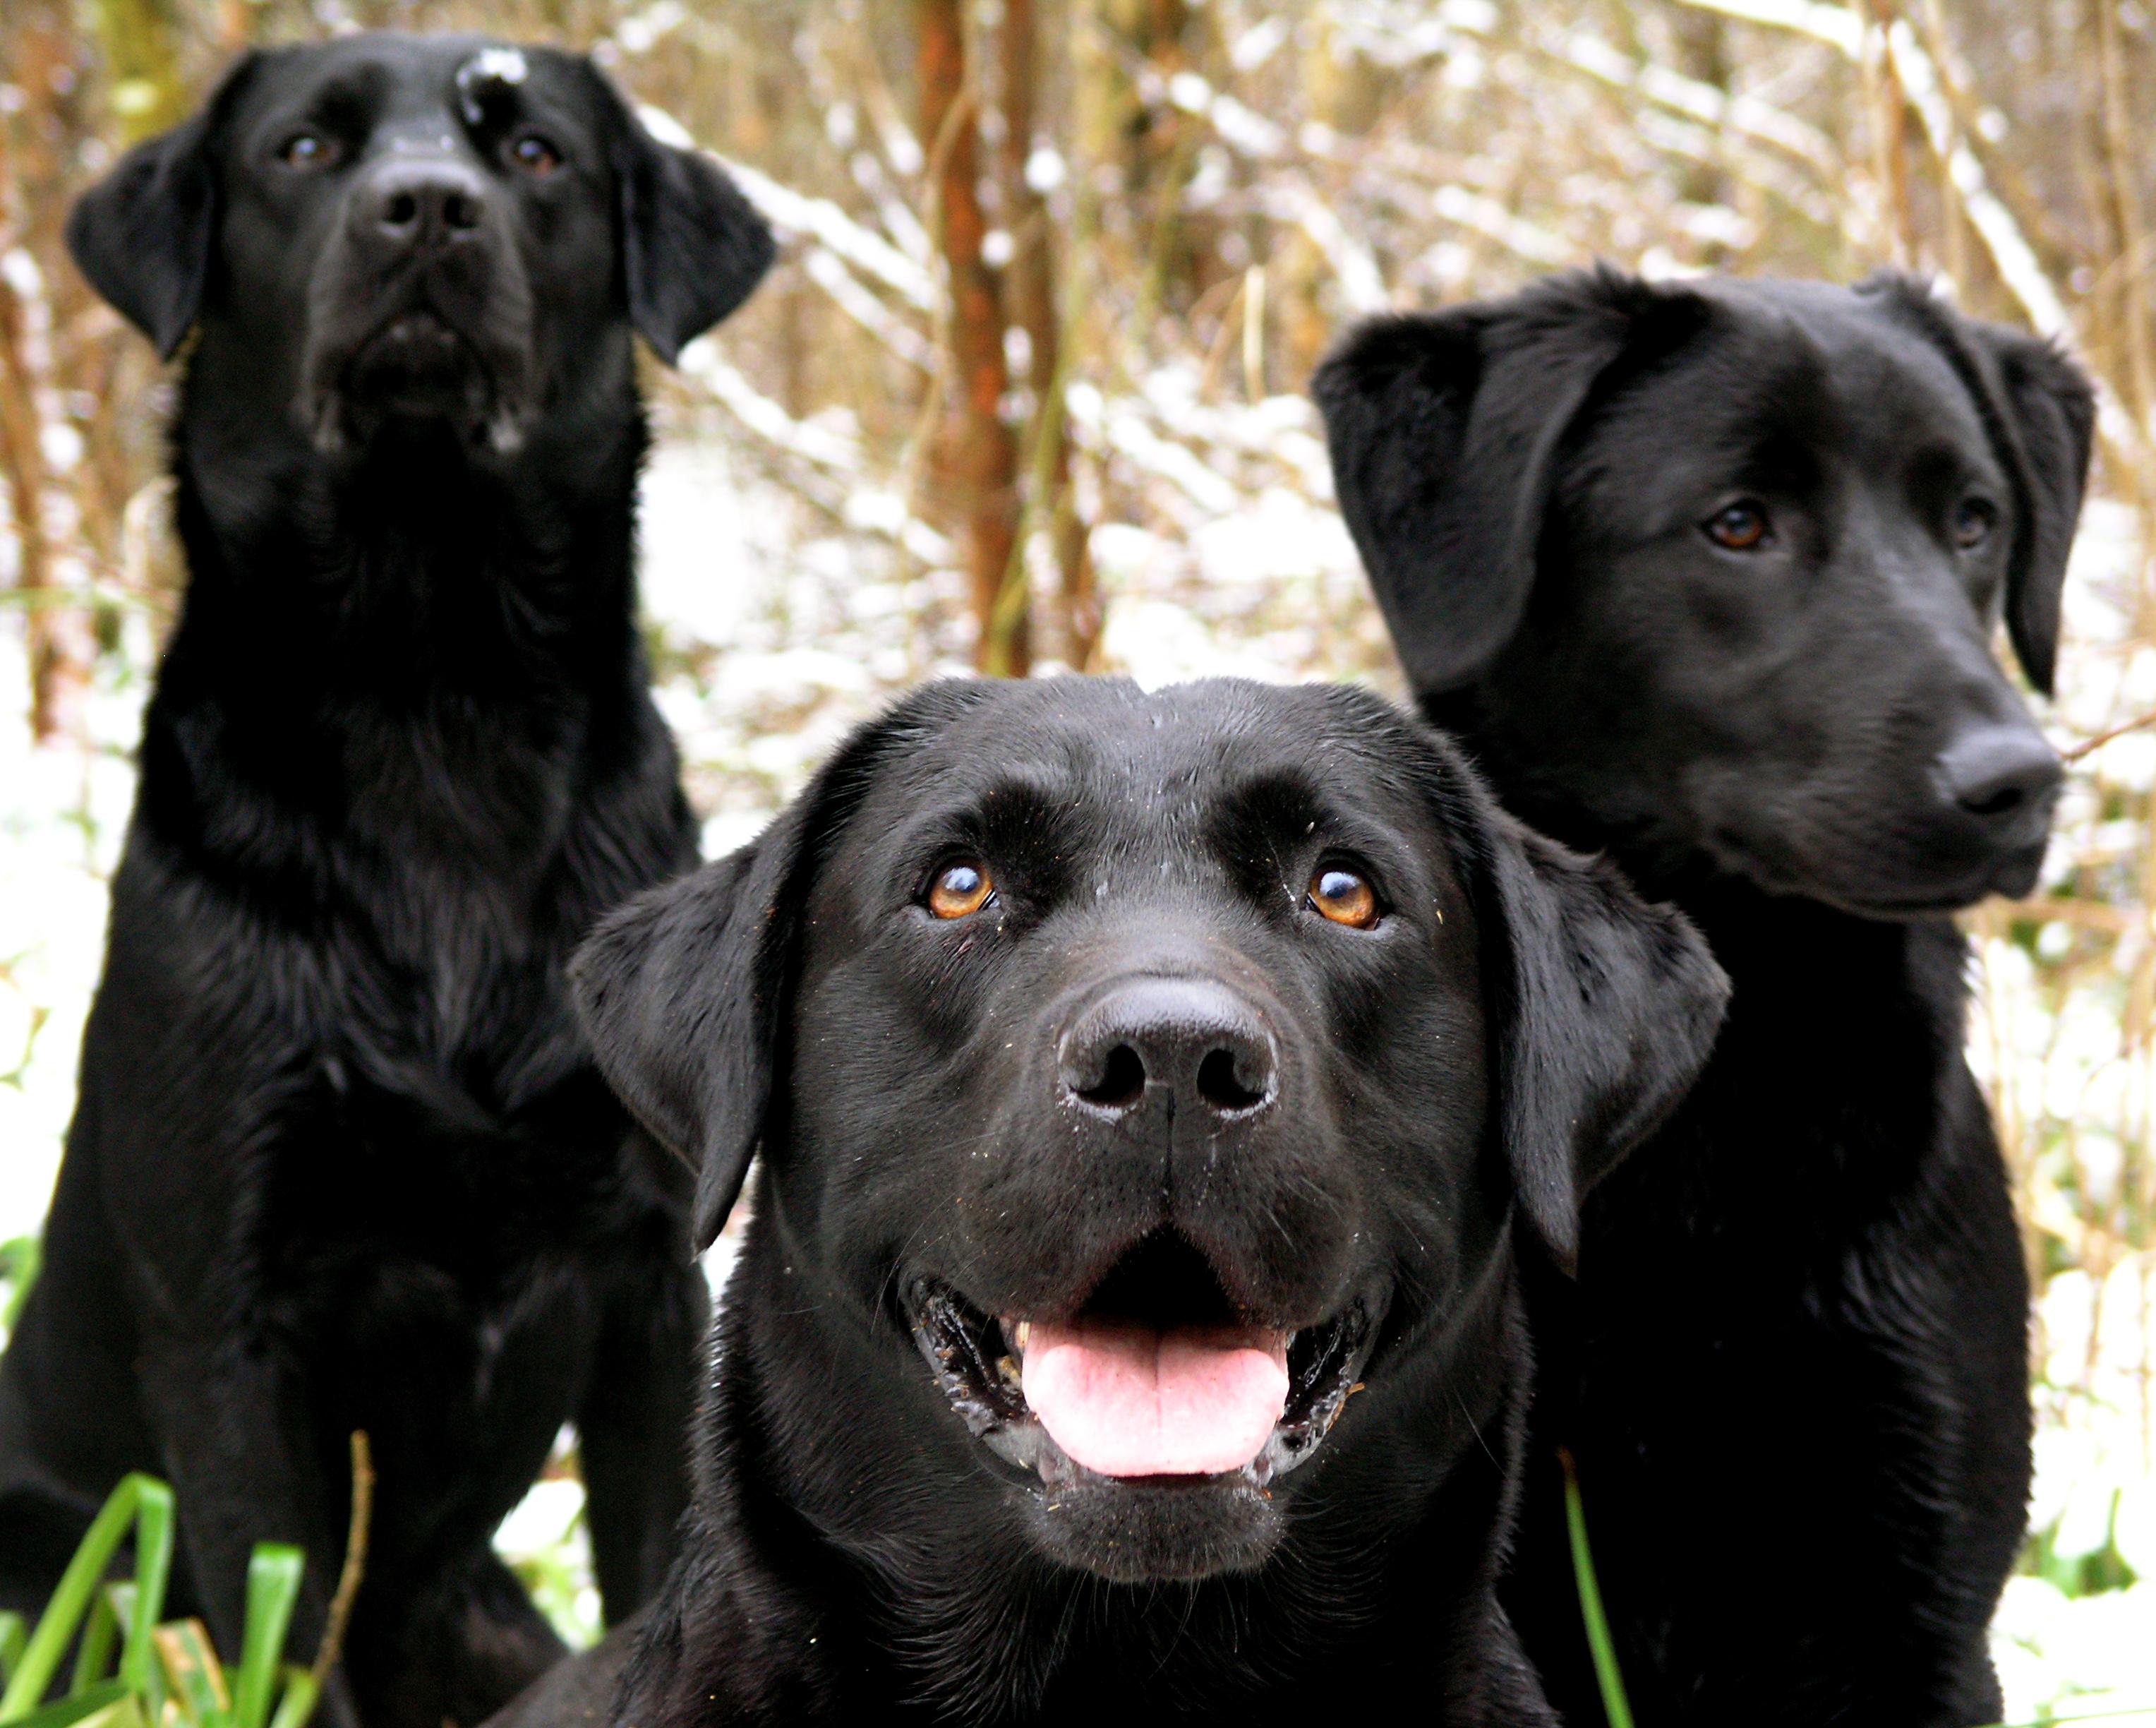 Black Dog Pictures File:Black Labrador Re...